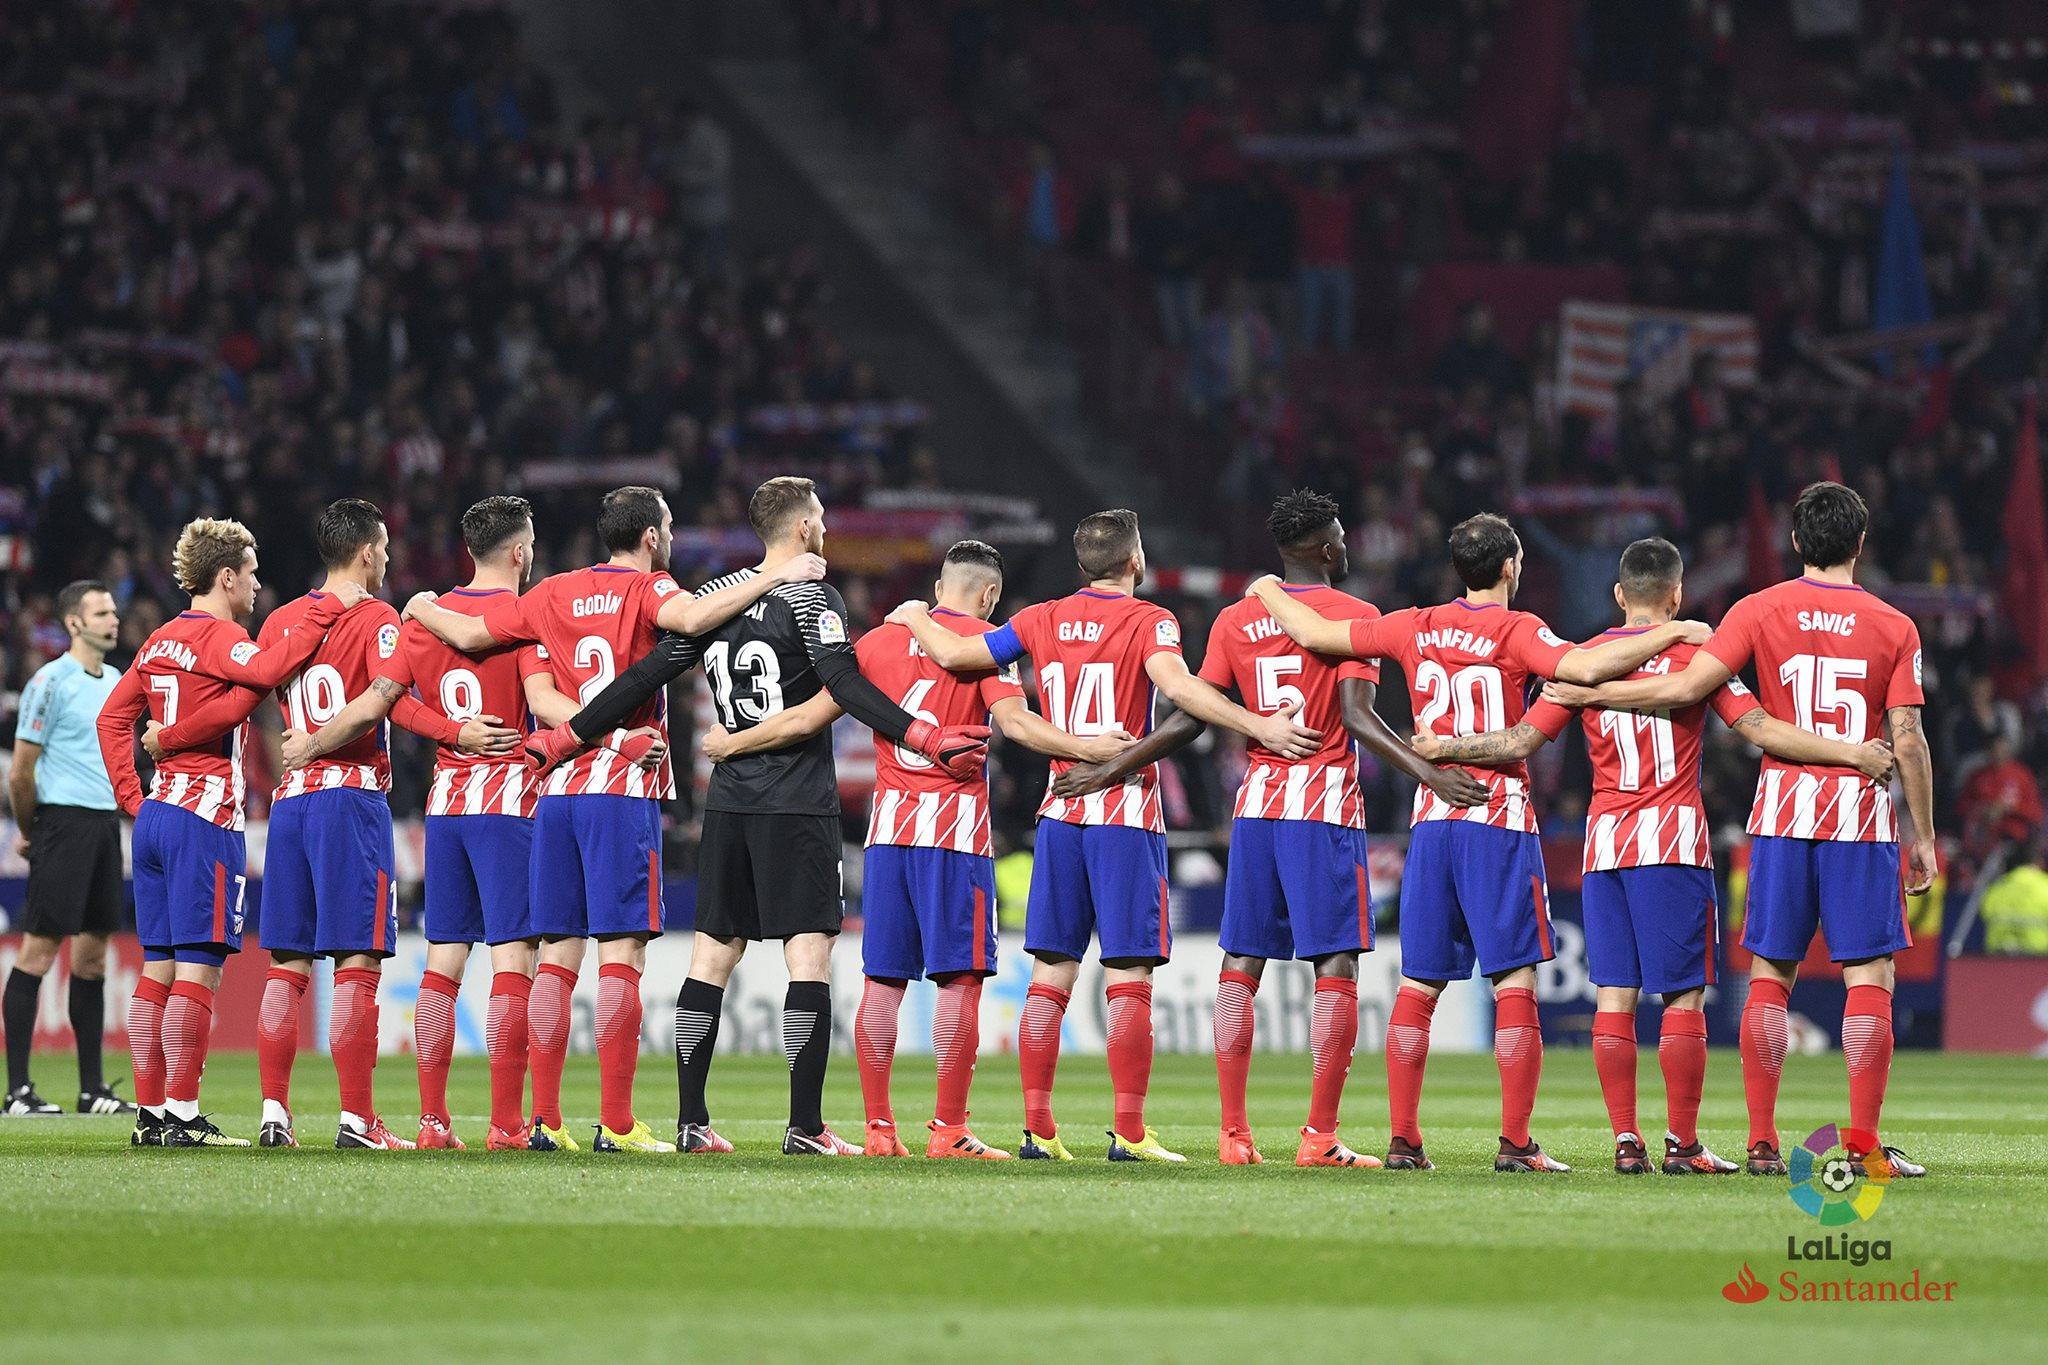 مبارة ريال مدريد واتلتيكو مدريد (2)